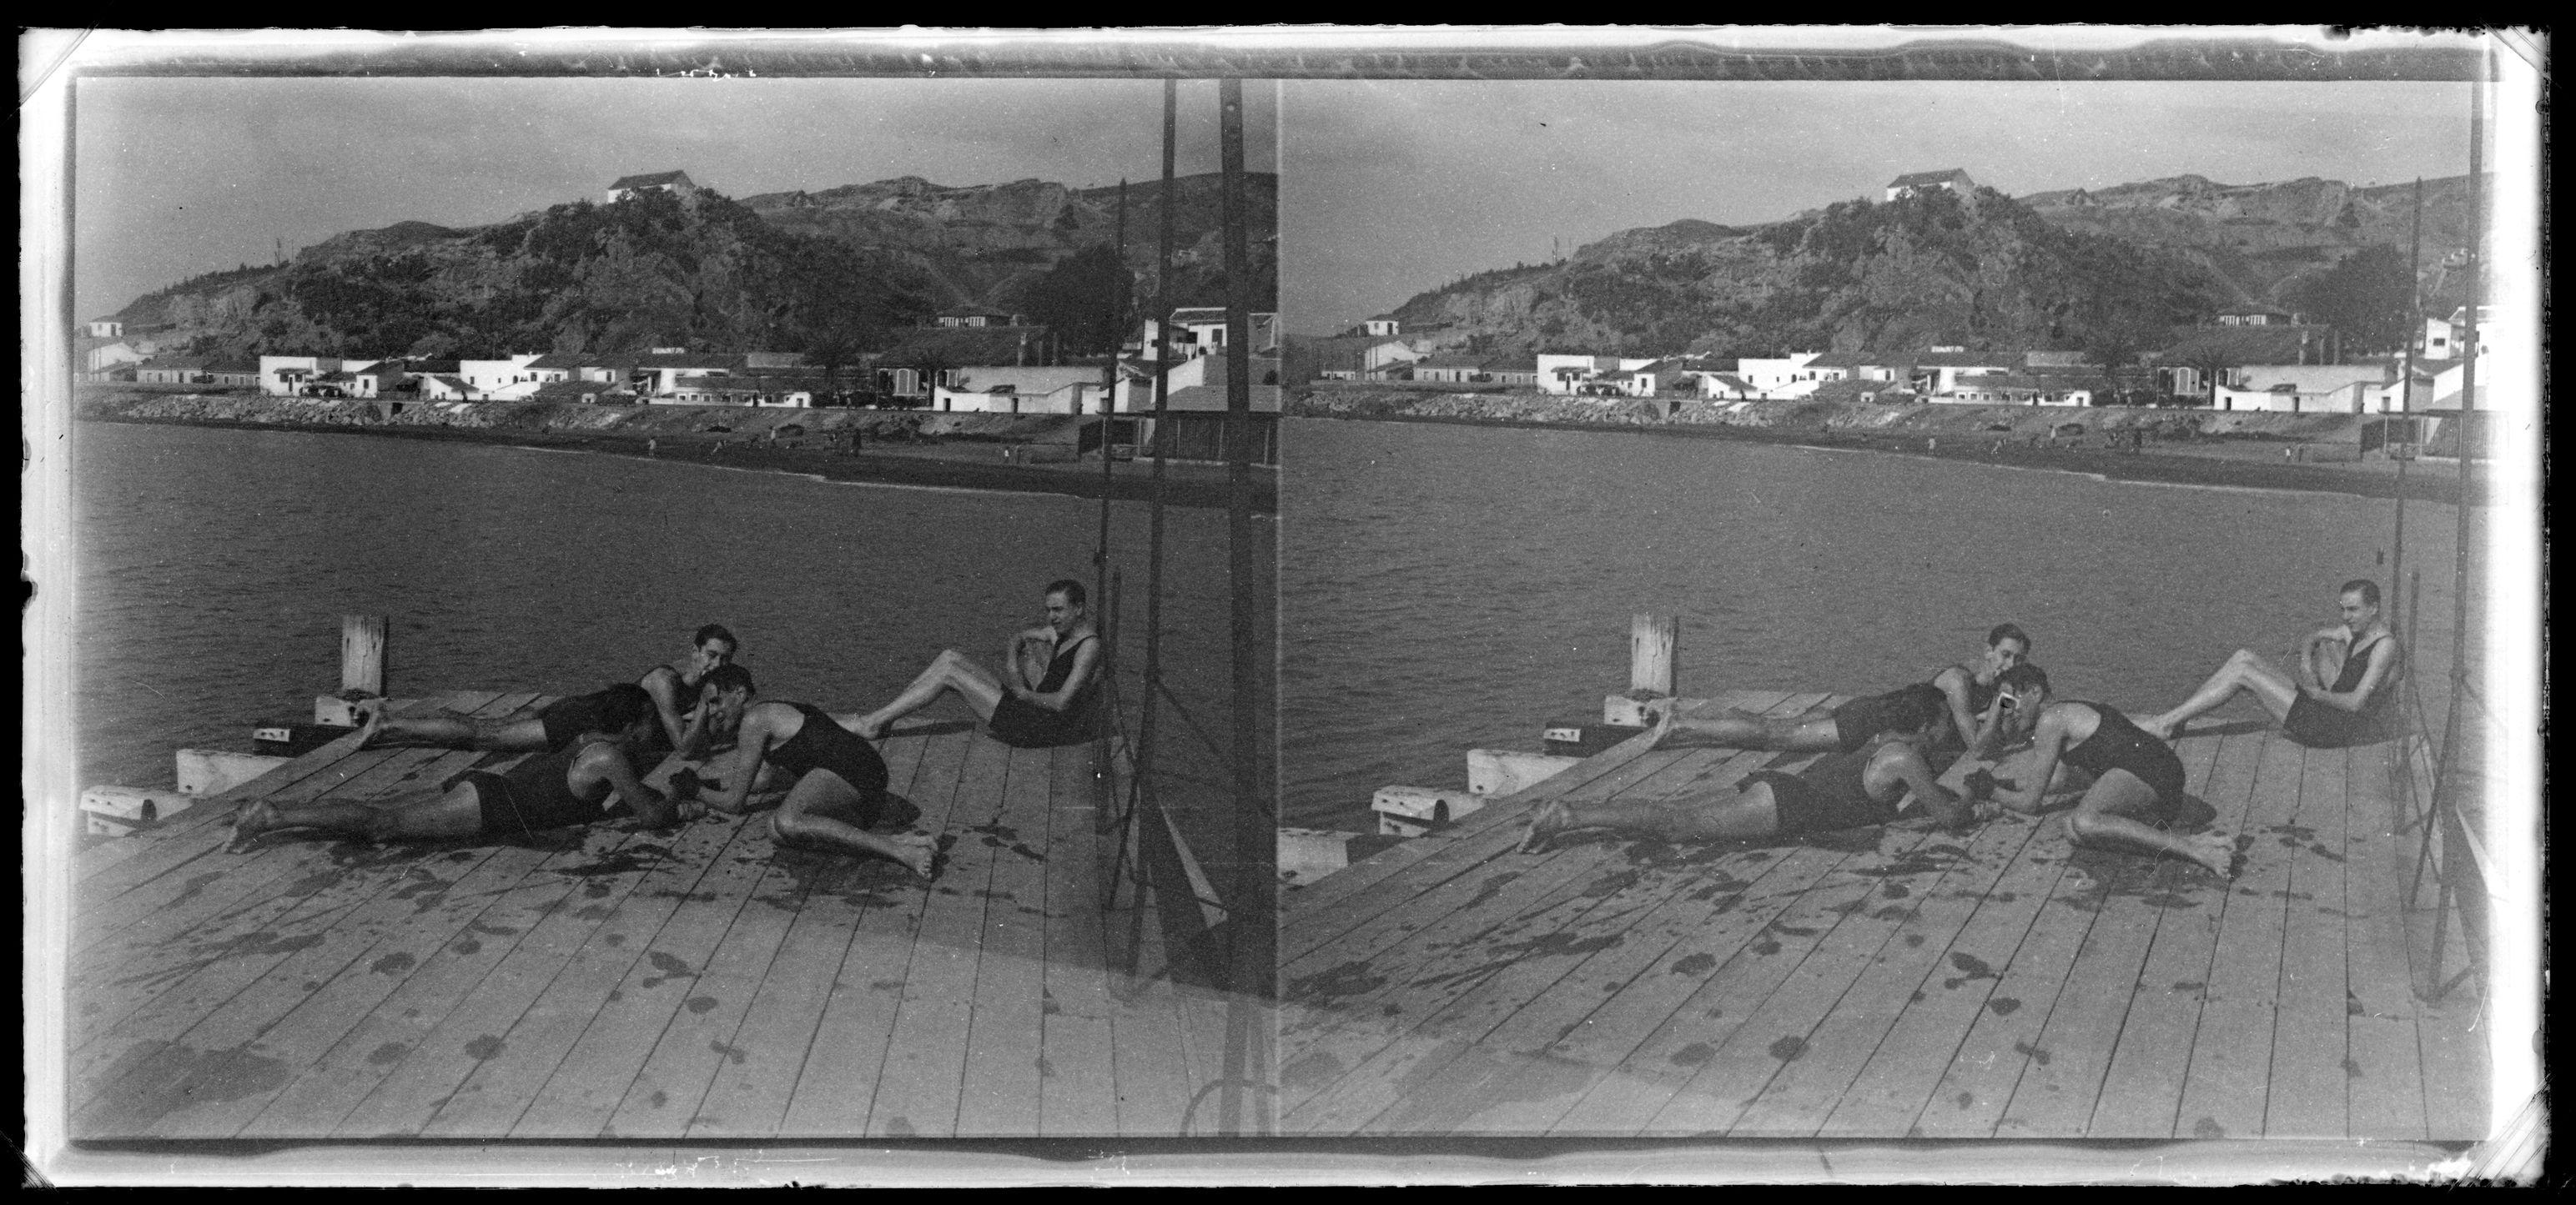 Fotografías Personales: Grupo de amigos en la playa. Málaga. Negativo estereoscópico de gelatino-bromuro sobre placa de vidrio, 6x13 cm. http://aleph.csic.es/F?func=find-c&ccl_term=SYS%3D000067893&local_base=ARCHIVOS